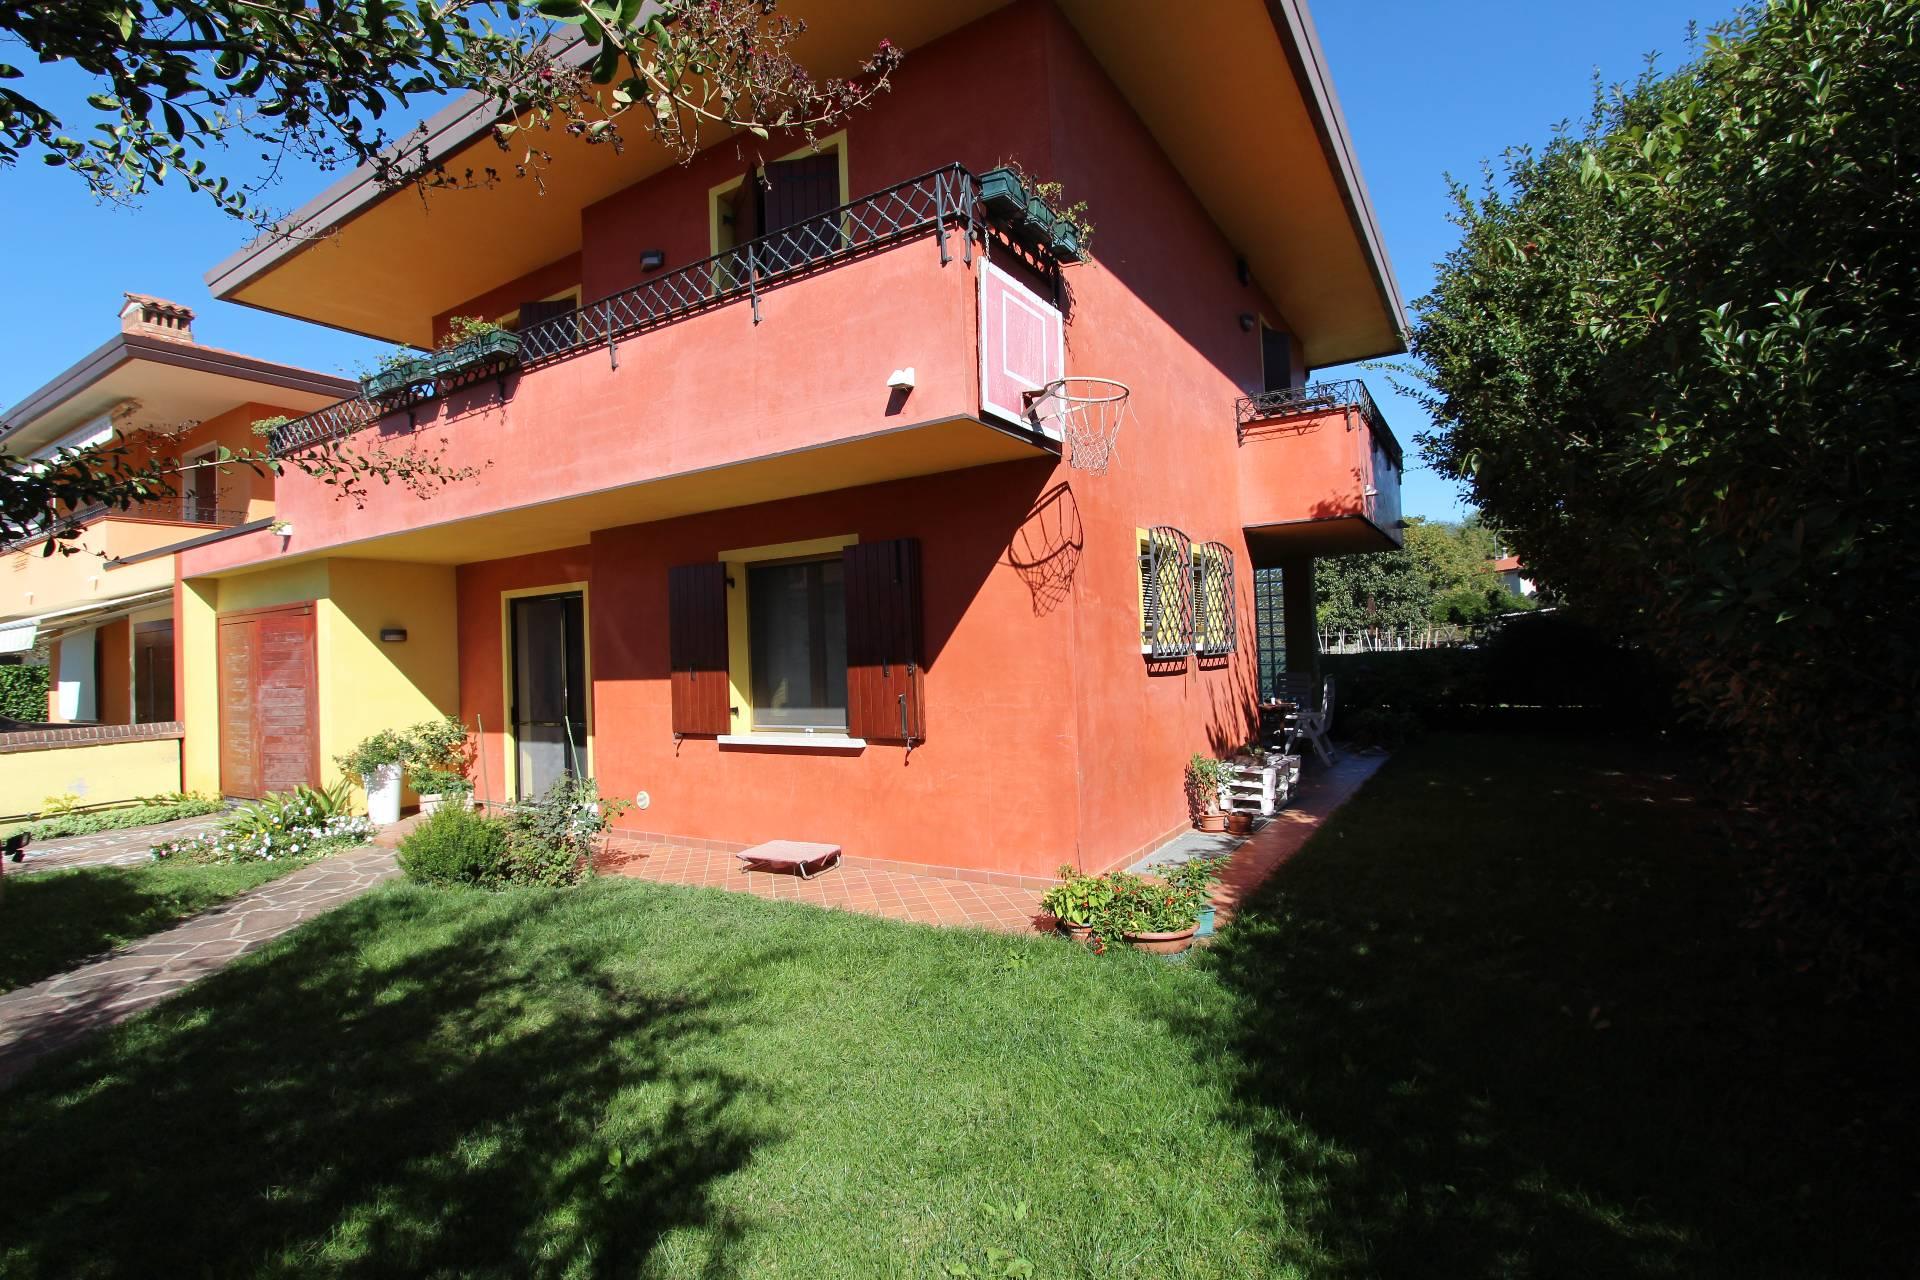 Villa Bifamiliare in Vendita a Paese - Cod. I/EB032